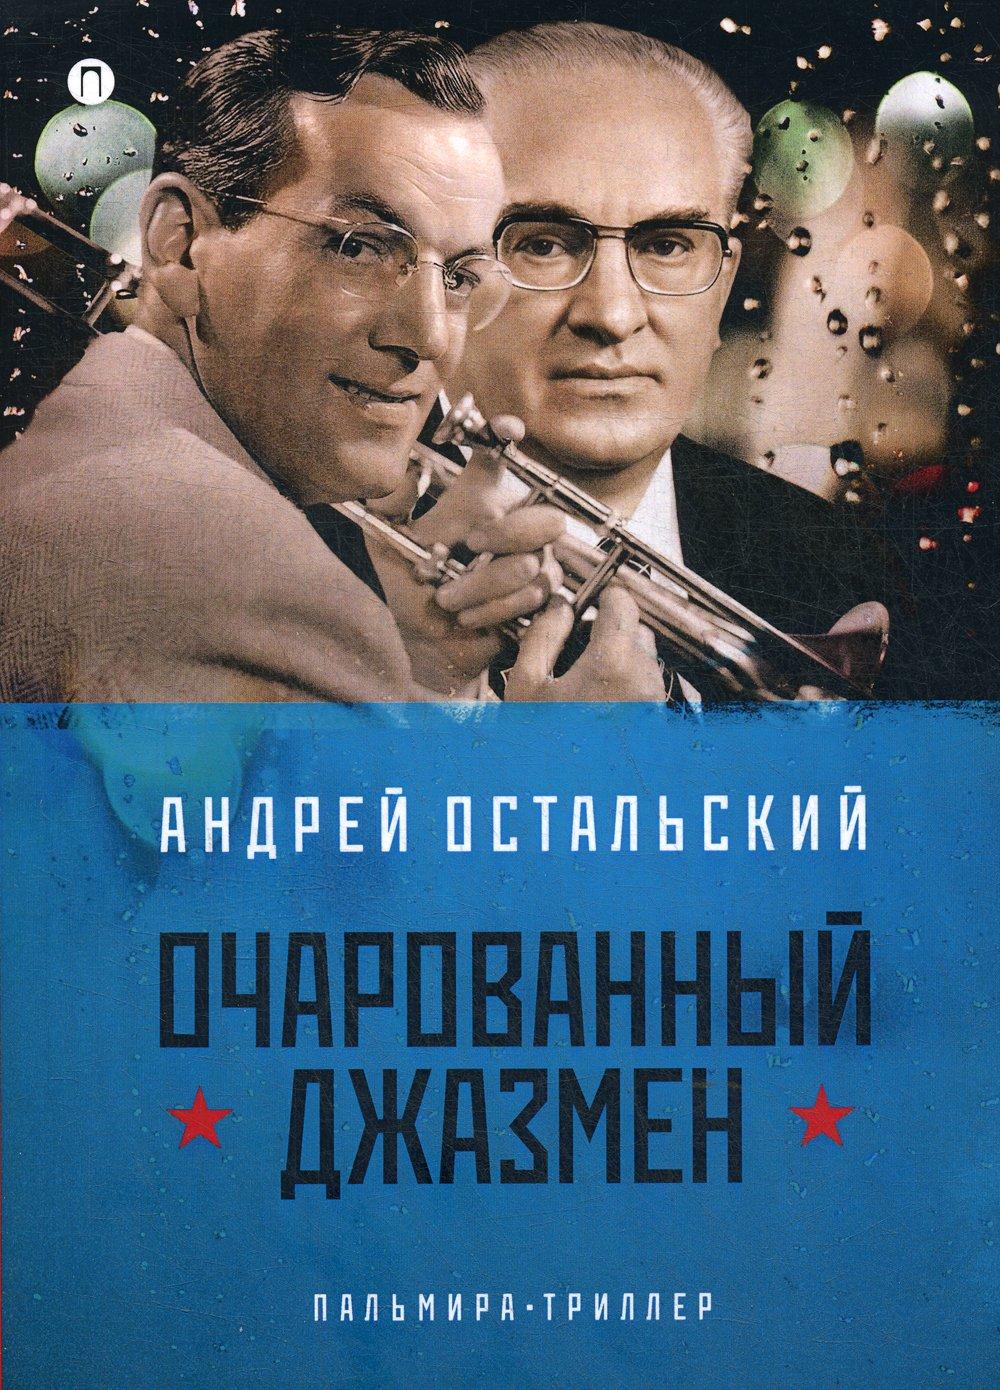 Остальский Андрей Всеволодович Очарованный джазмен: роман недорого